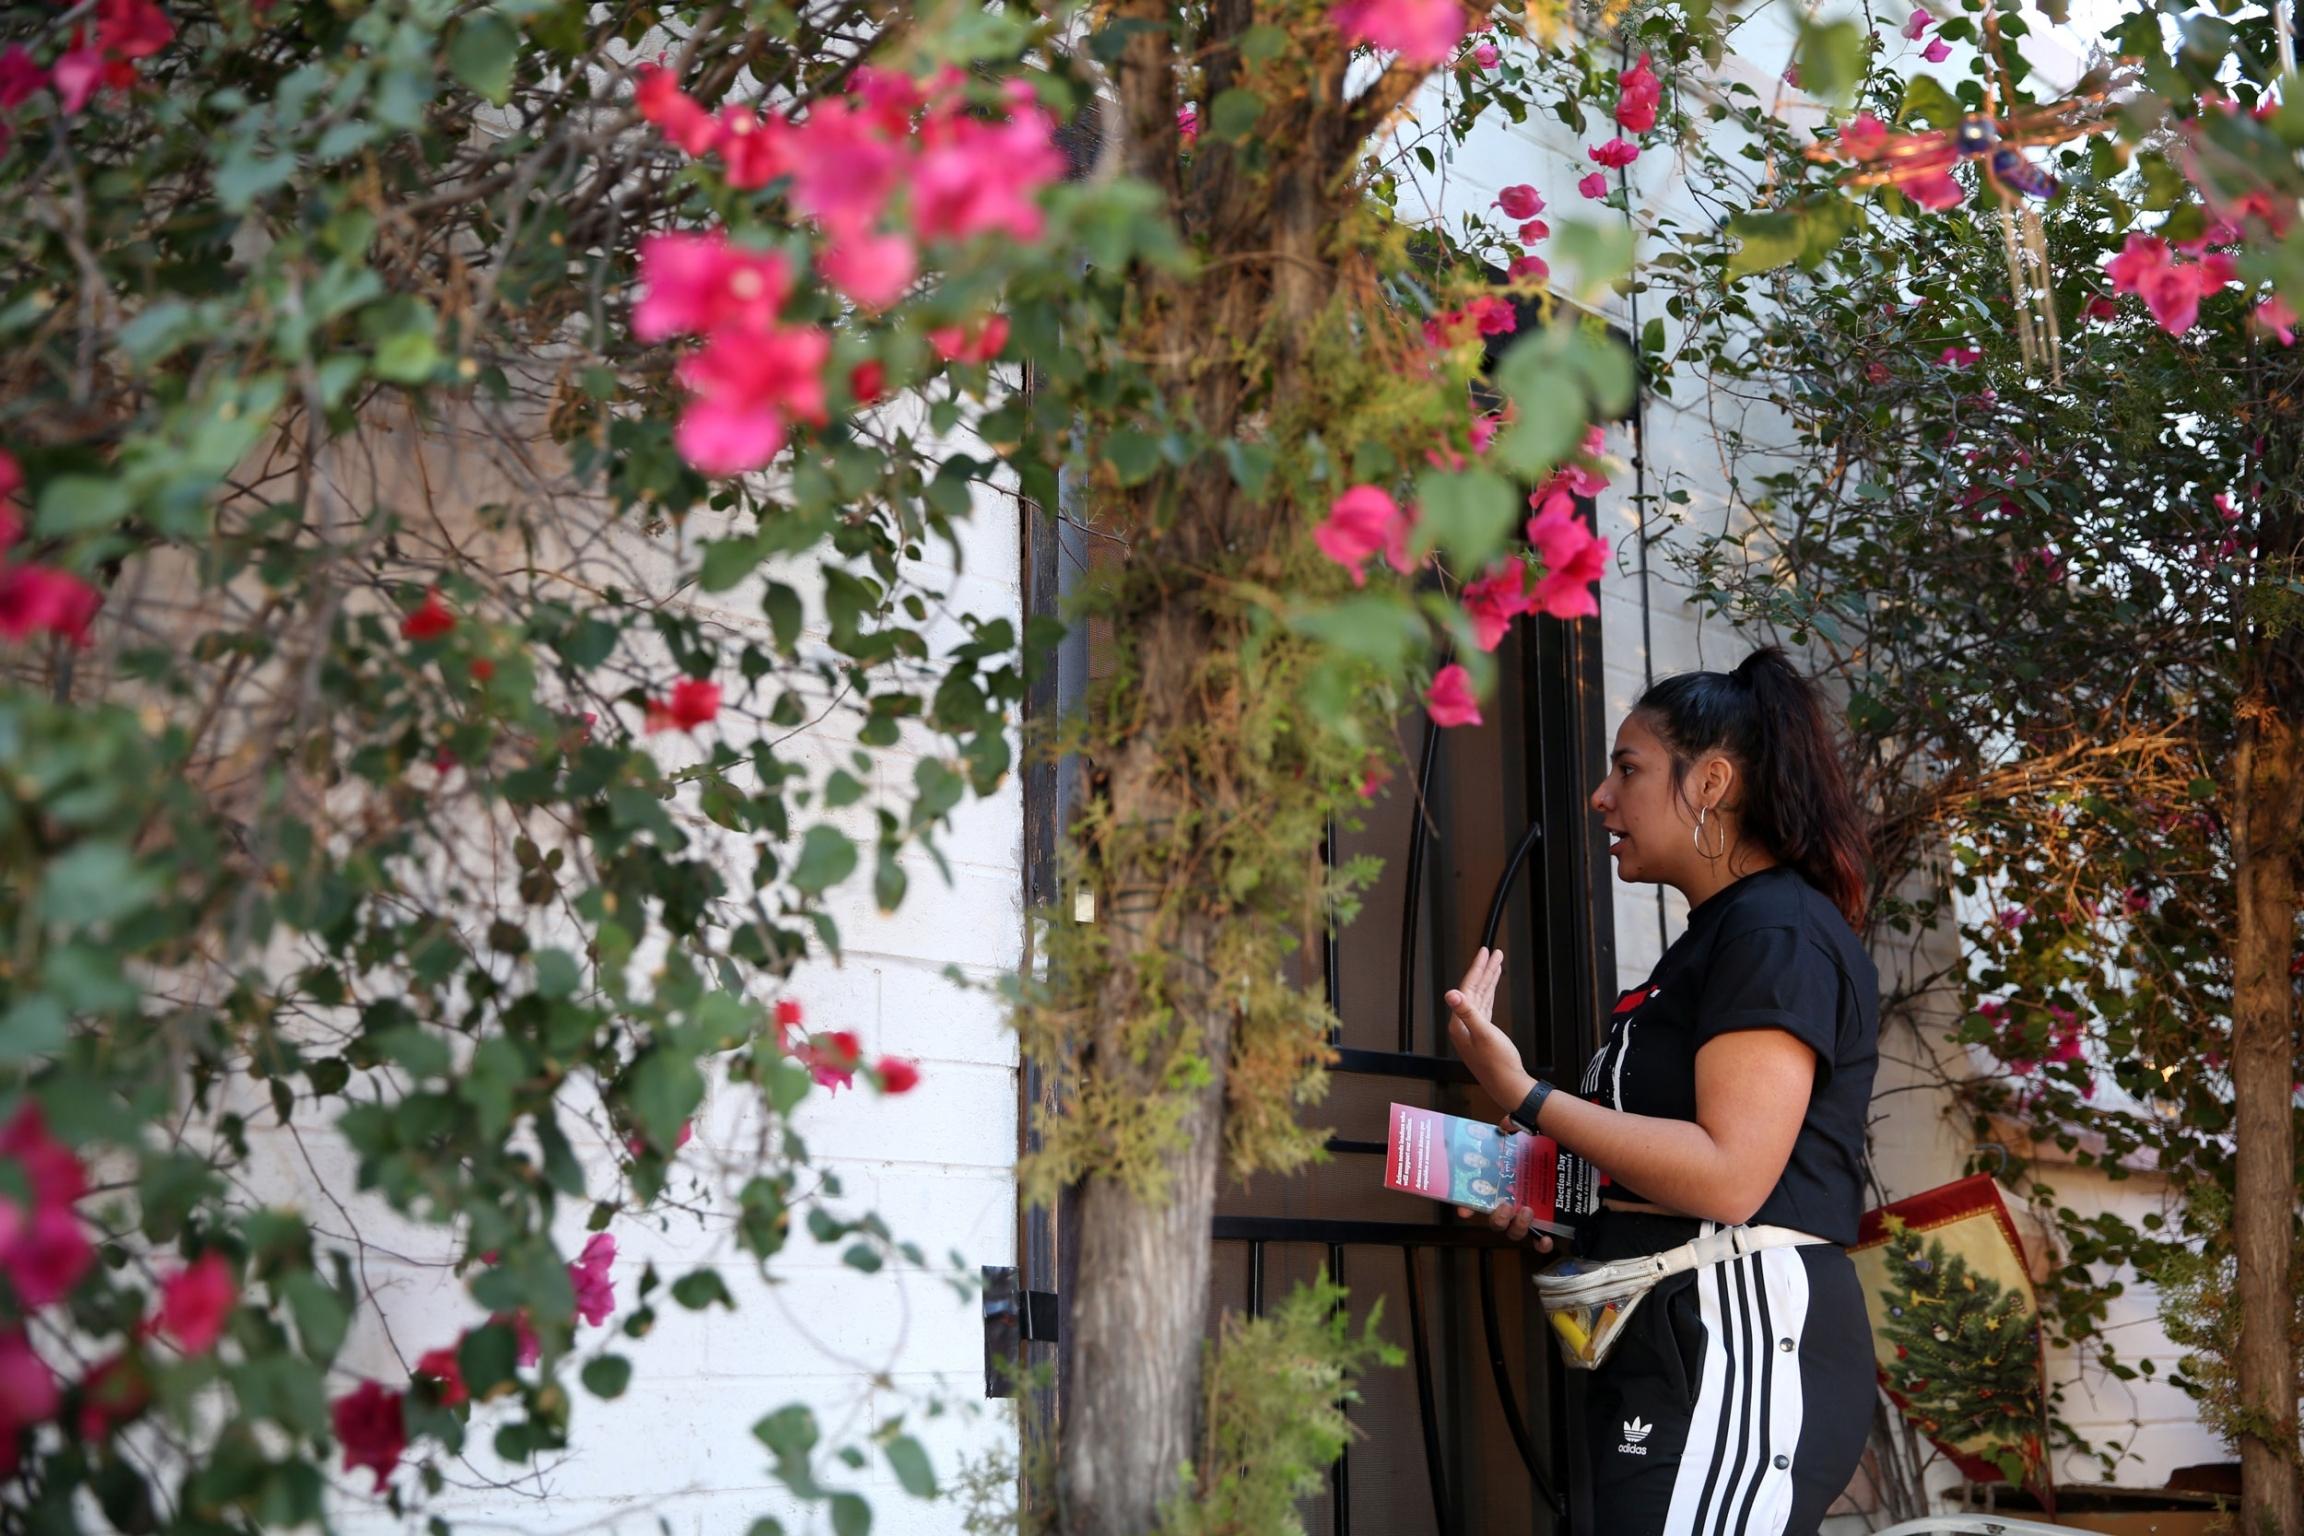 Una mujer habla con una persona que esta dentro de una casa rodeada por un jardin.